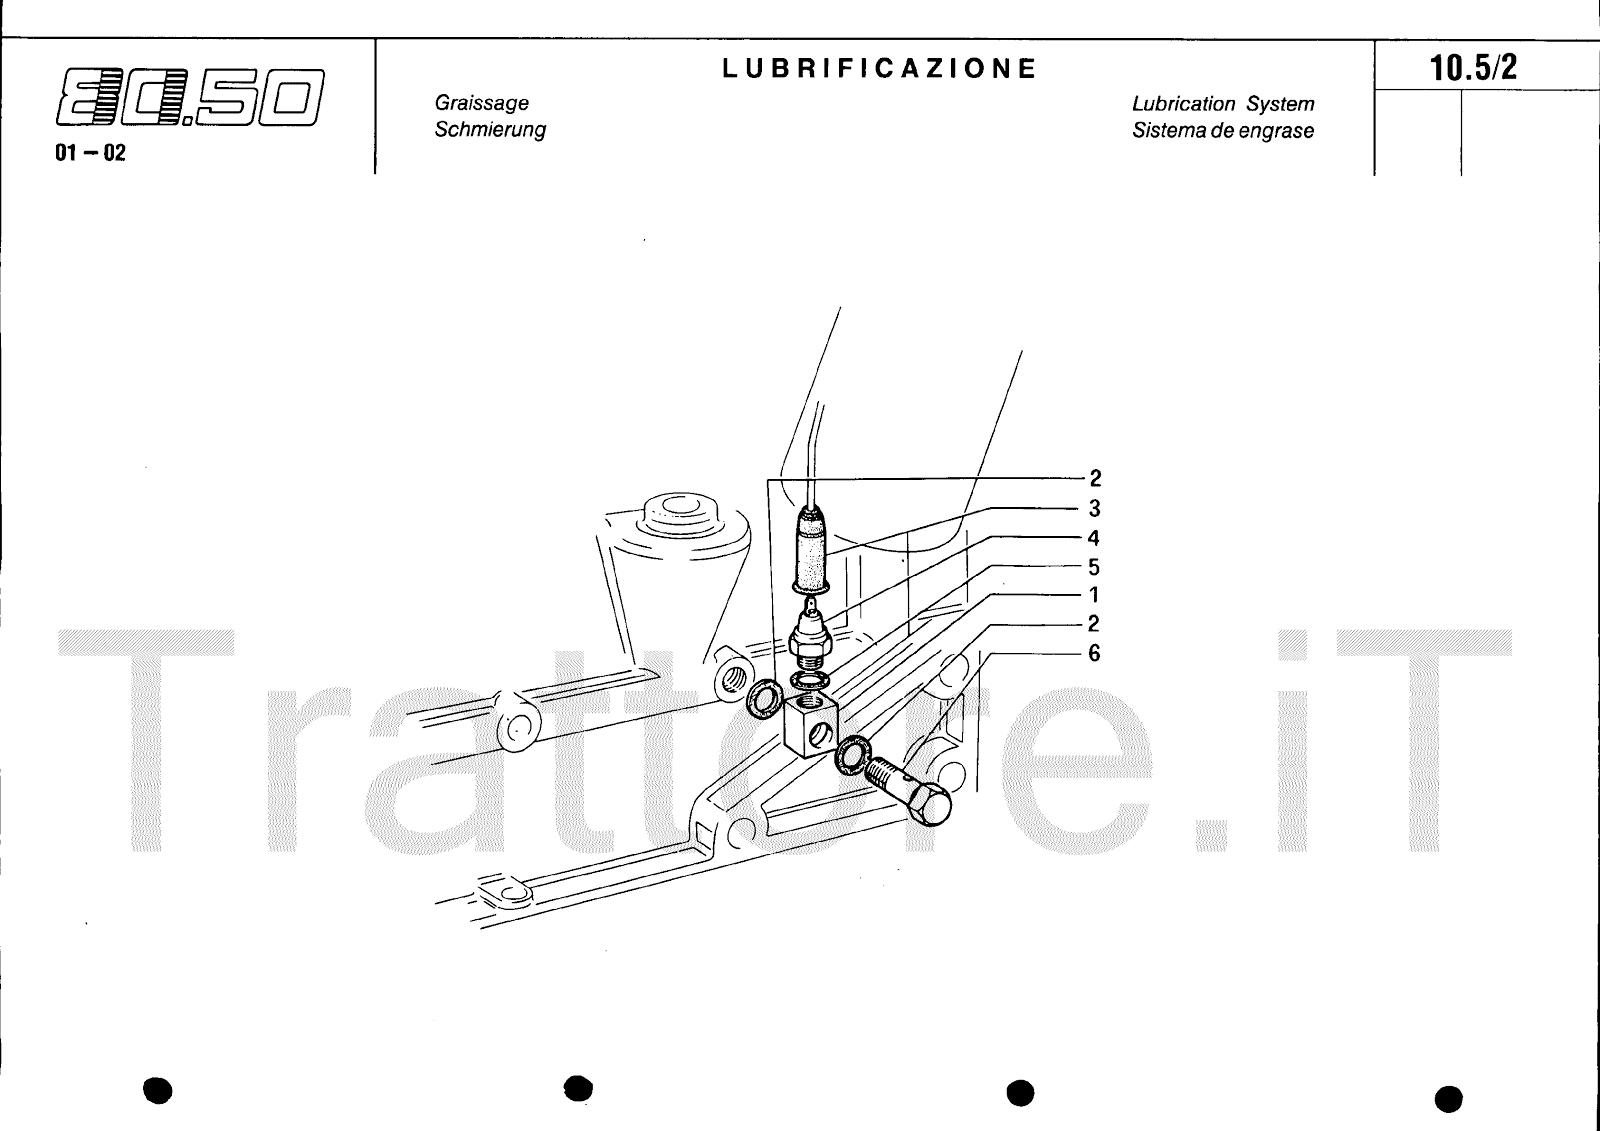 InfoTrattore.it: Manuale (esploso meccanico) trattore